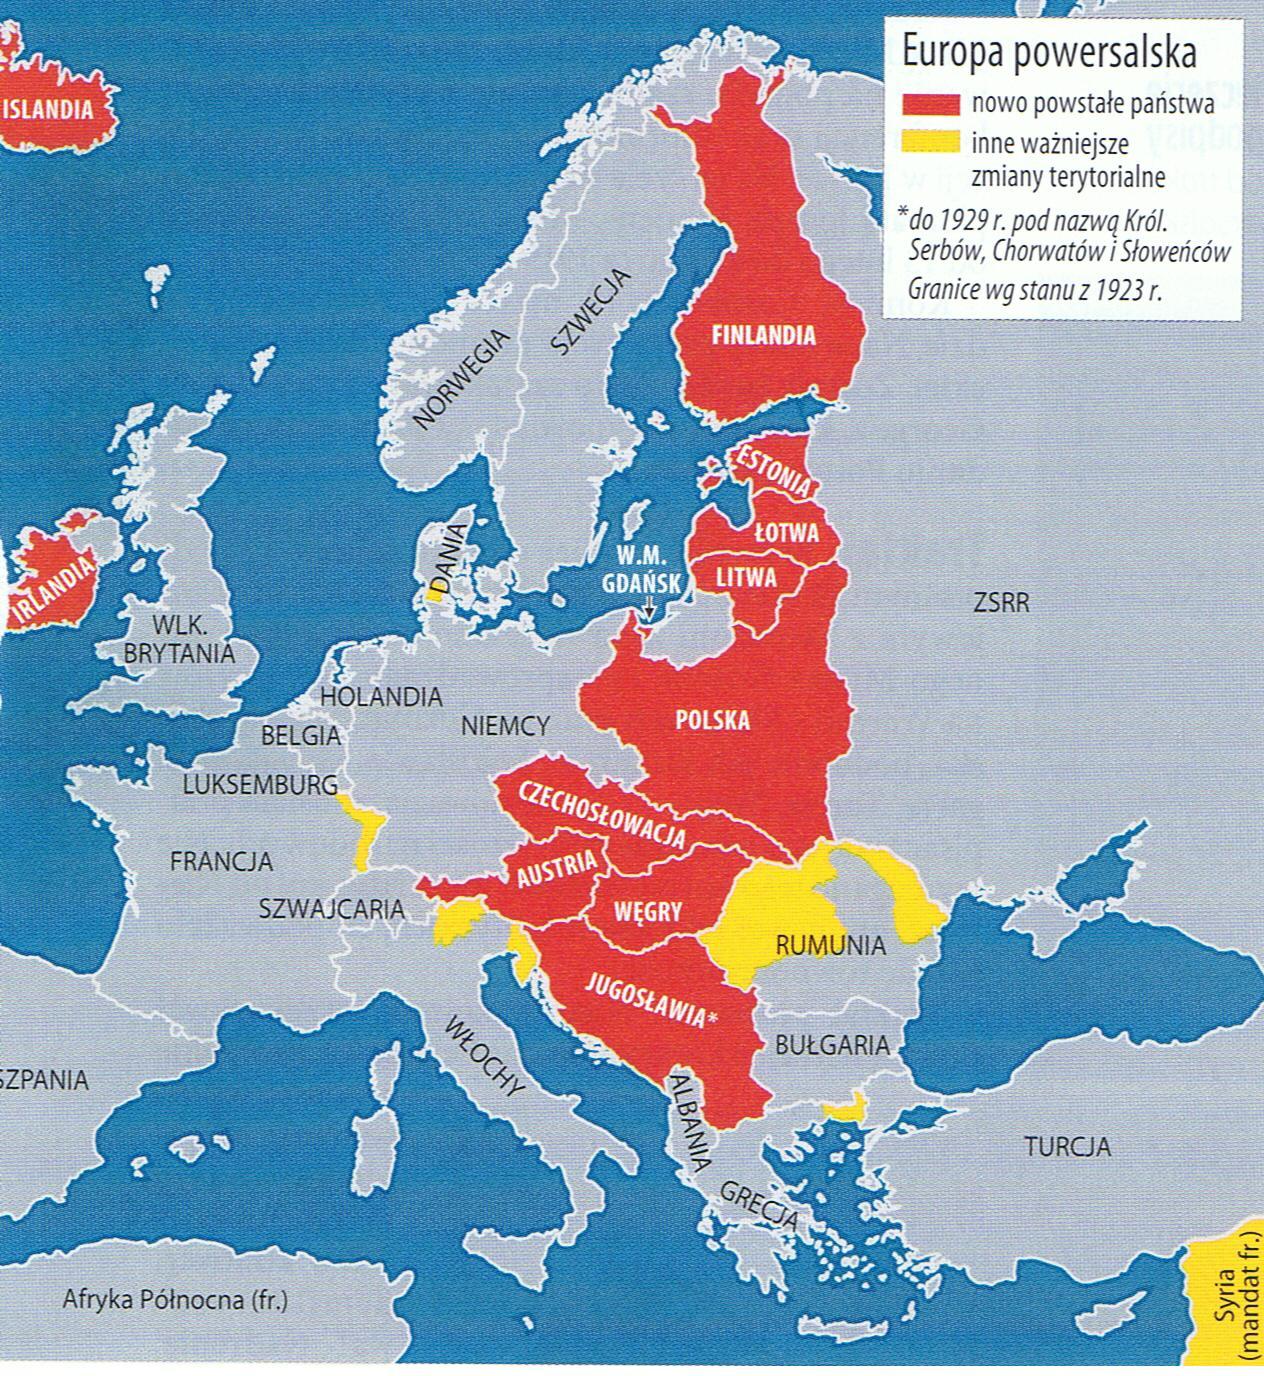 Kalendarz Polski 10 Stycznia 1920 Najpiekniejsza Mapa Europy